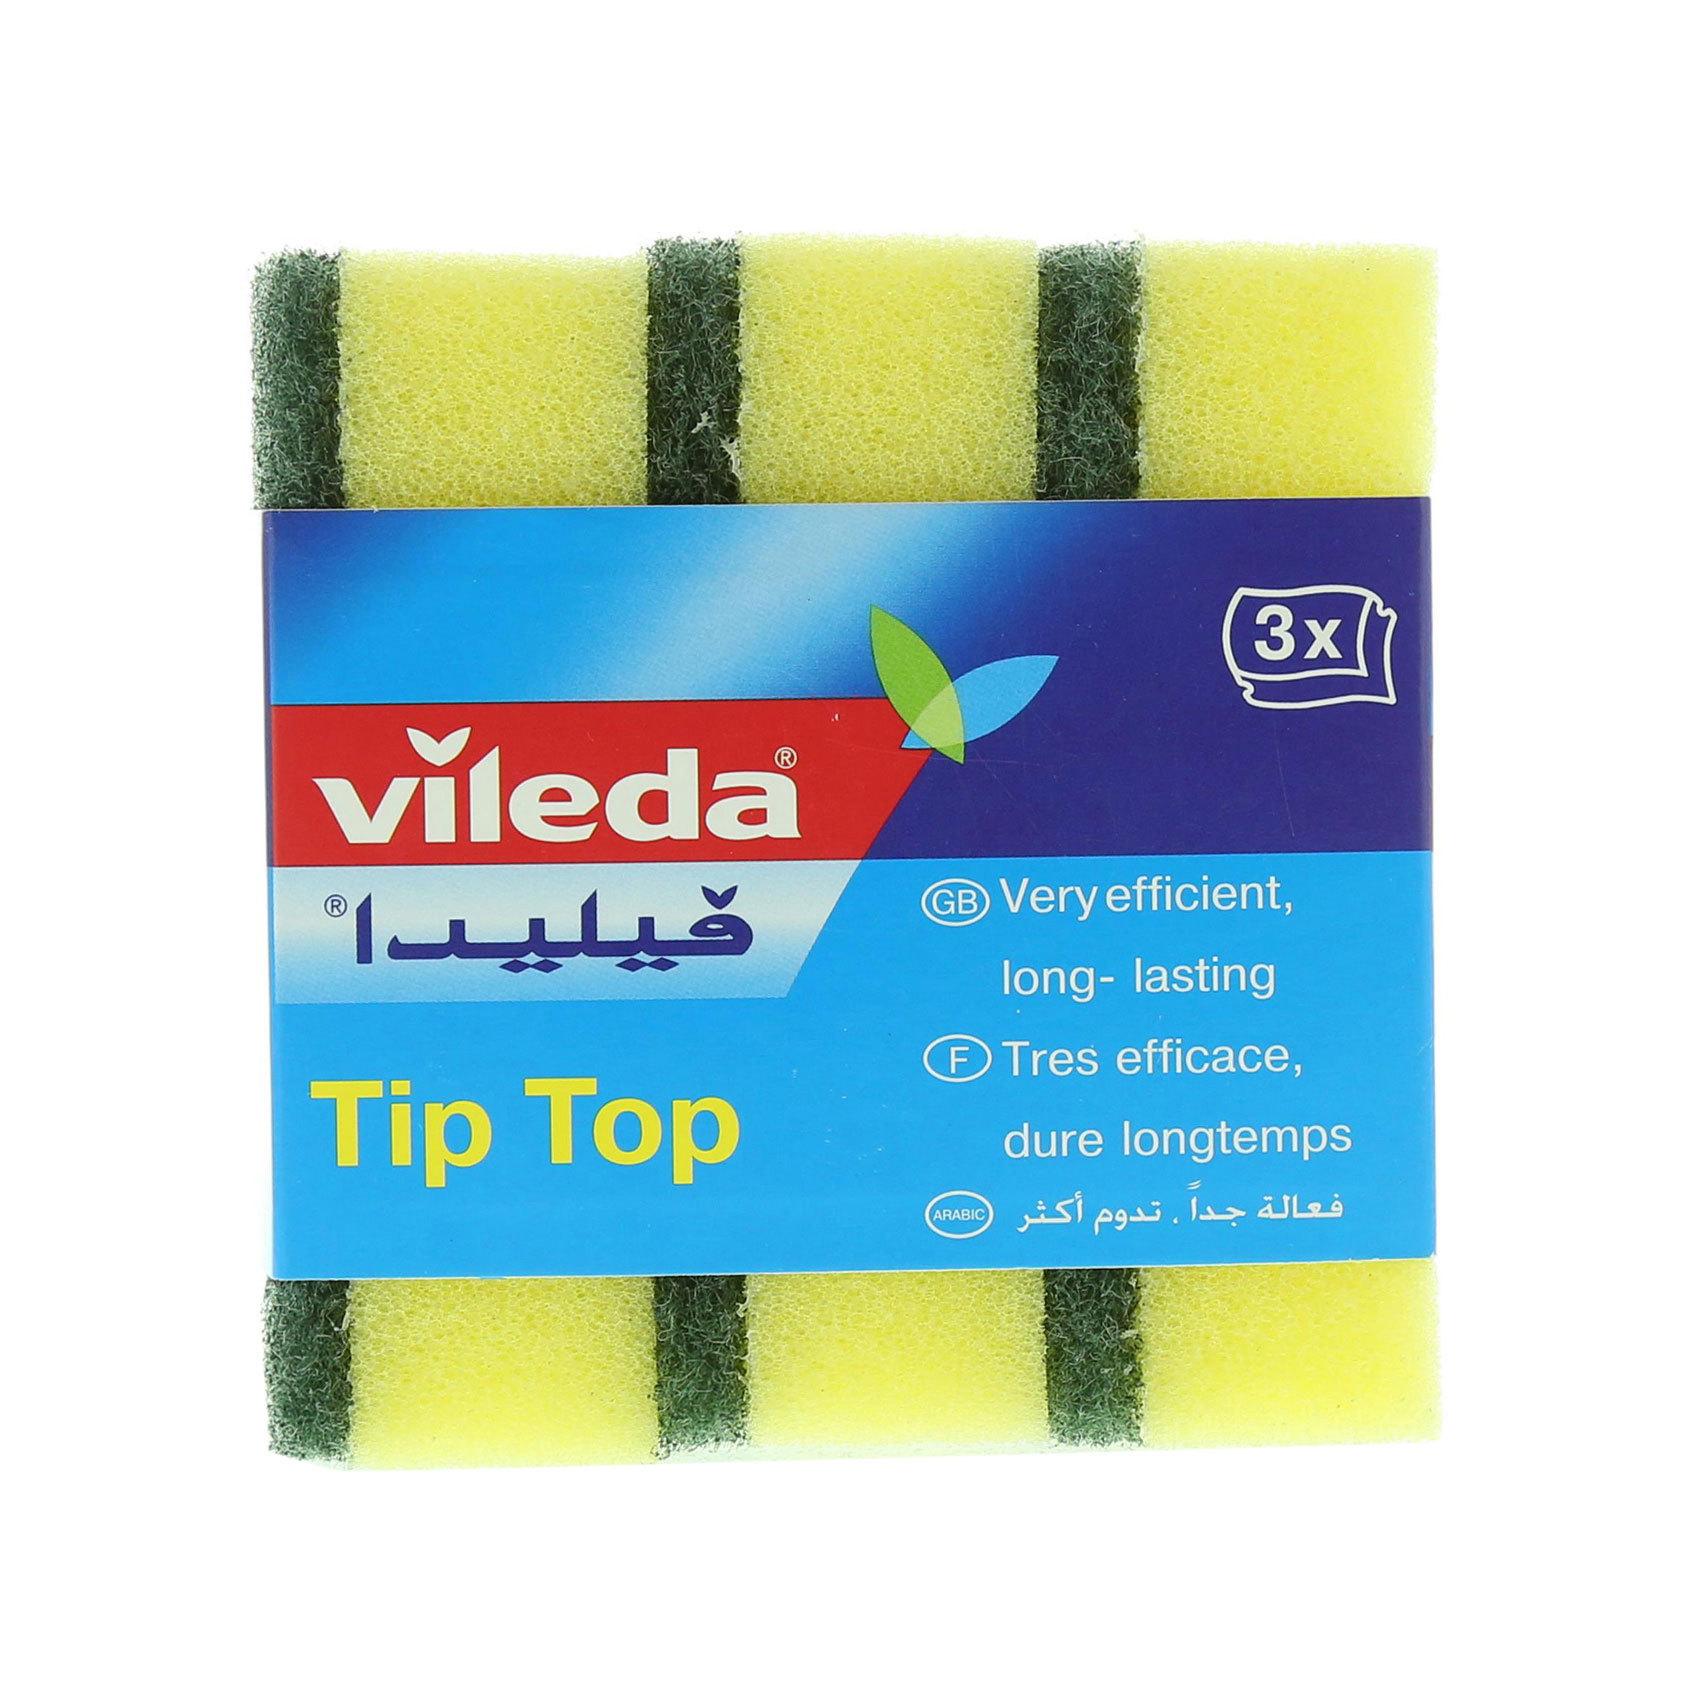 VILEDA TIP TOP SCOURING SPONGE X3